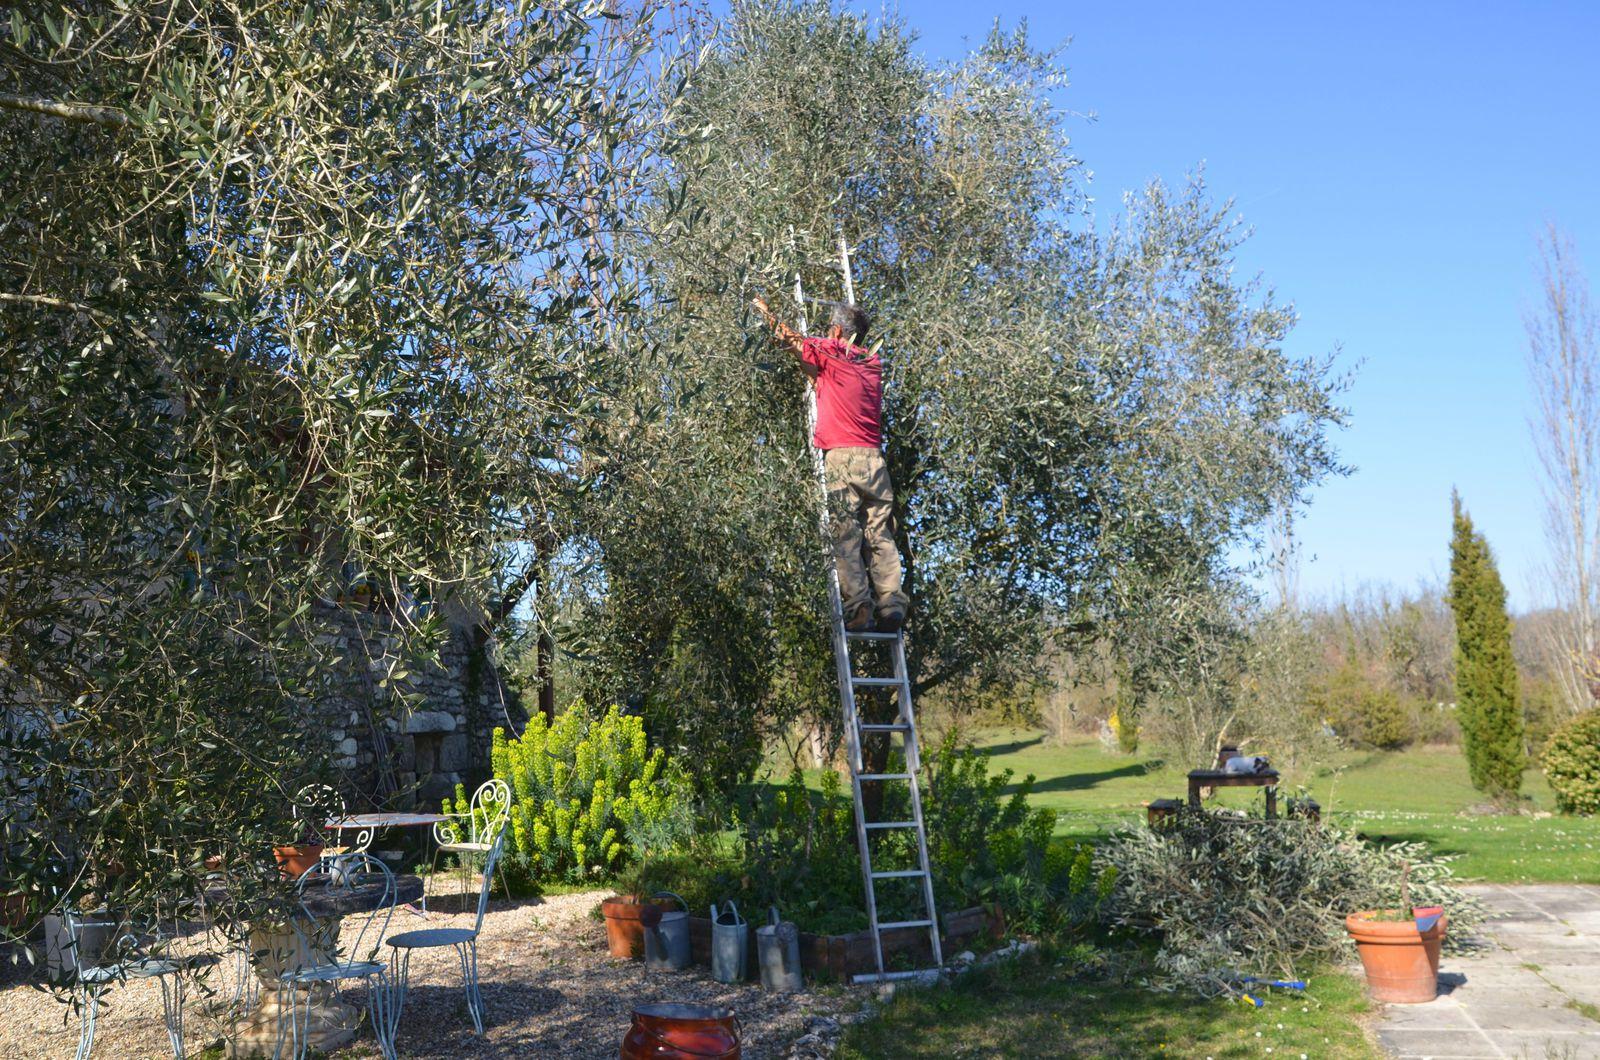 Domaine Les cyprès - le jardin du mois de mars